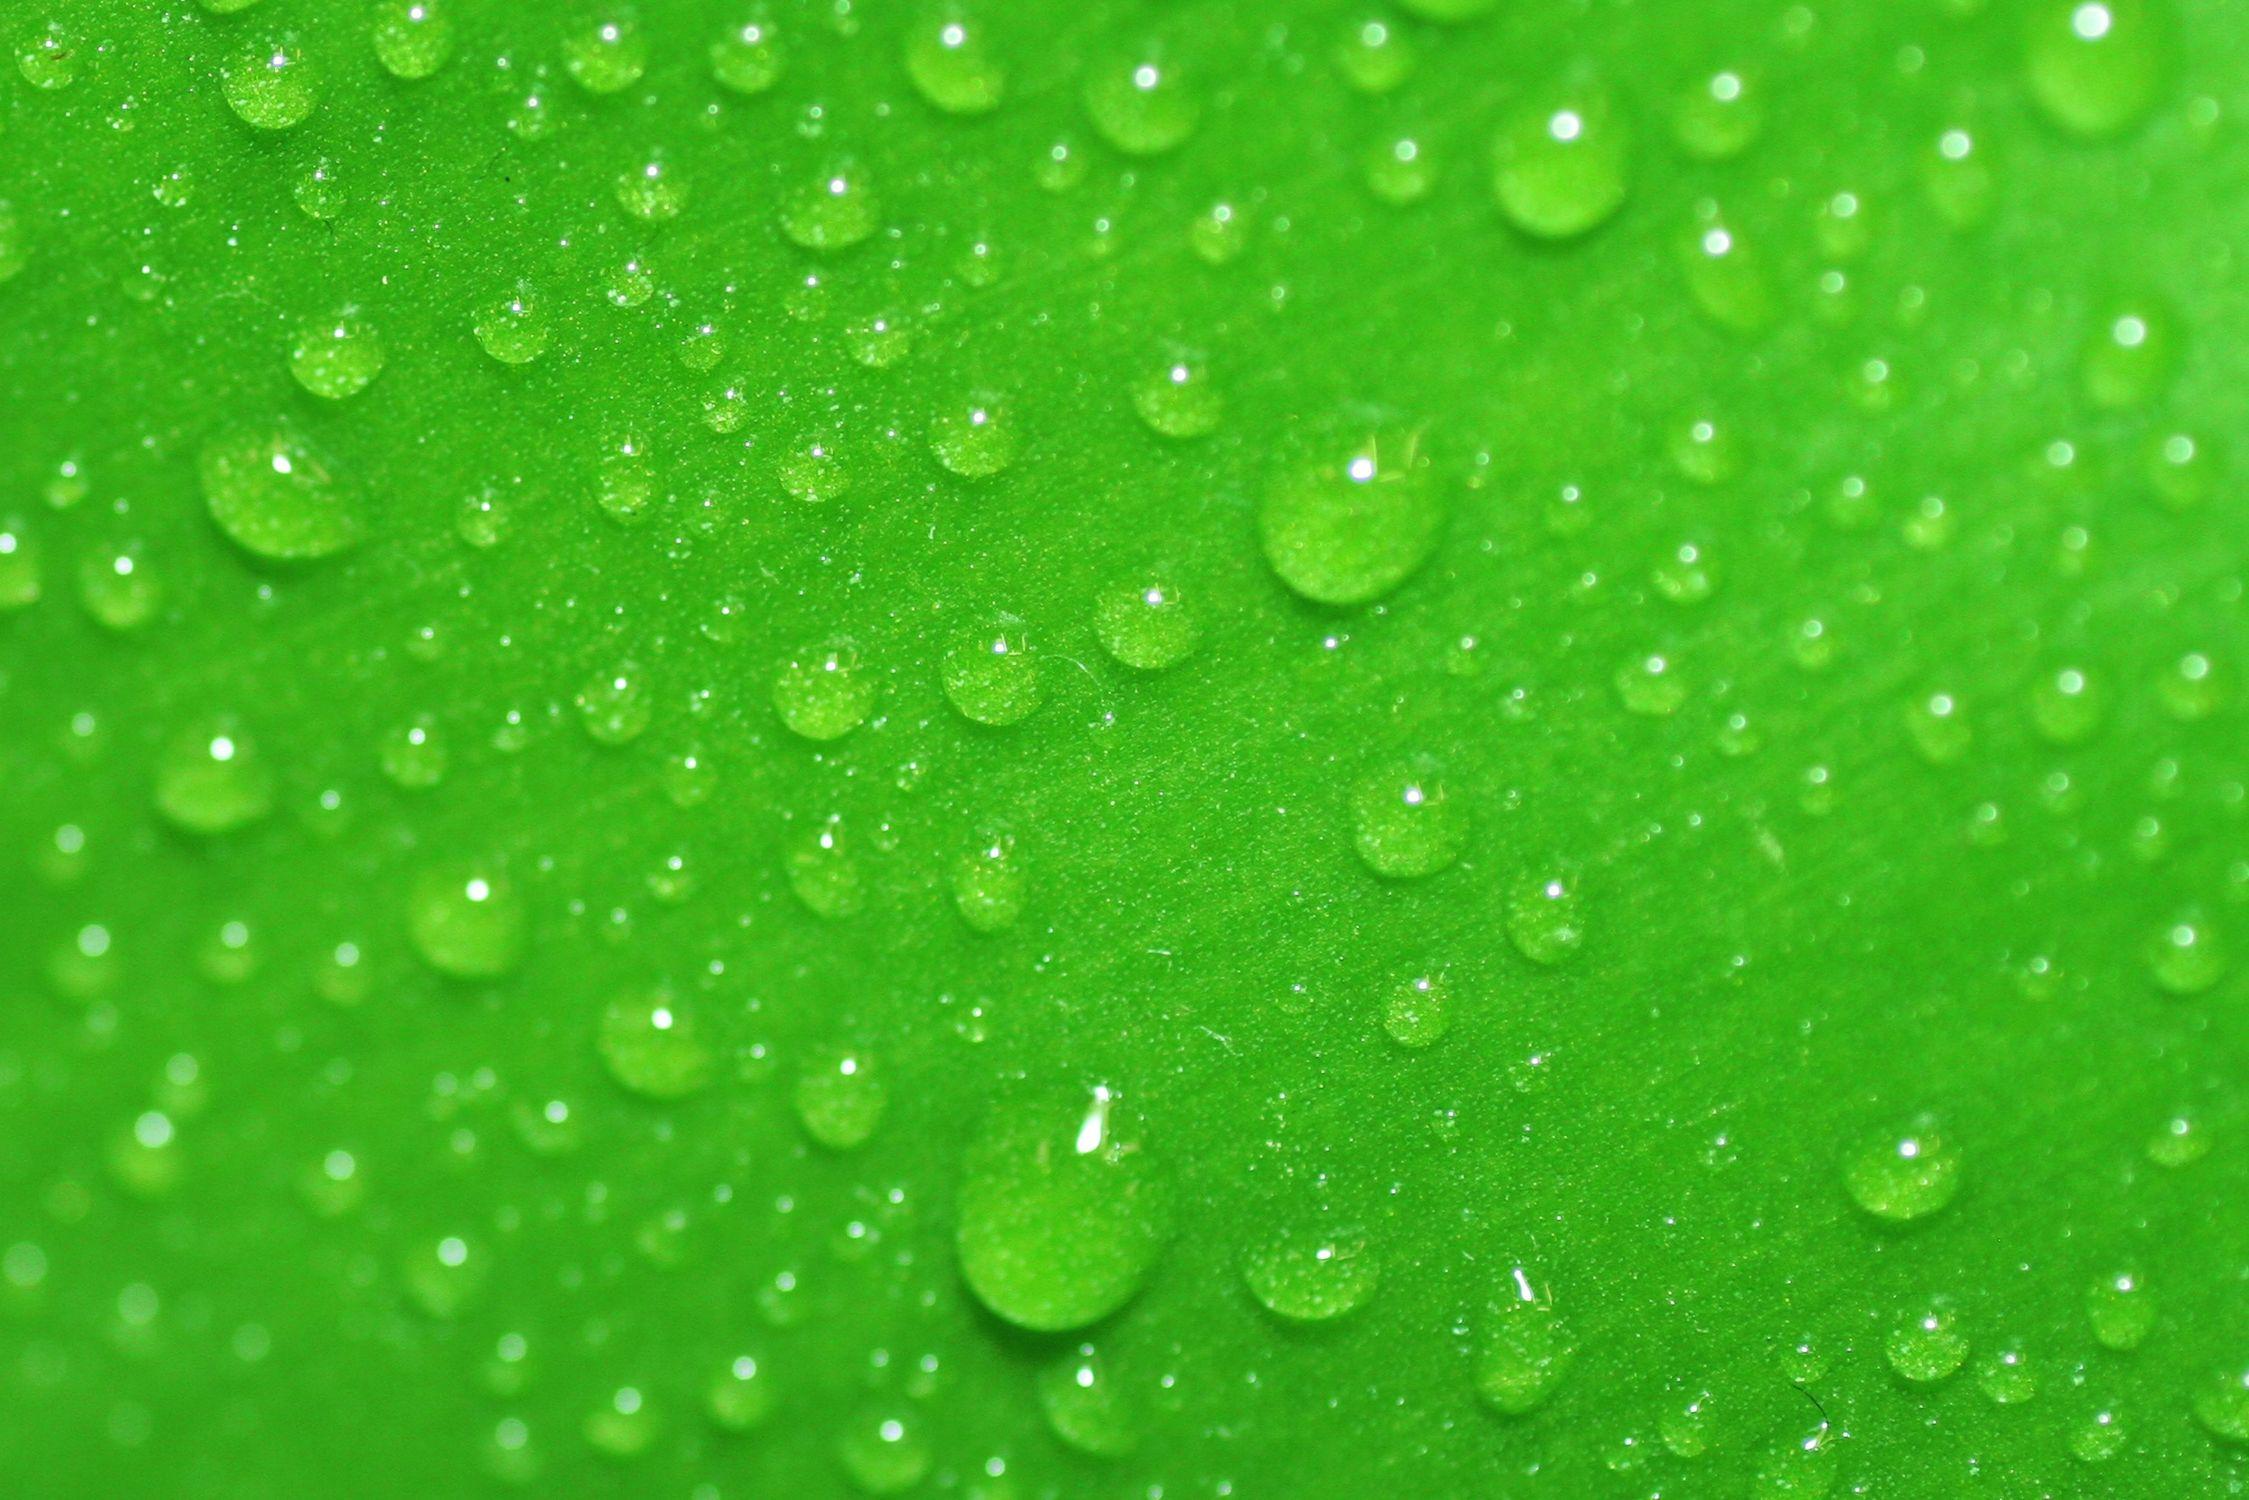 Bild mit Farben, Natur, Elemente, Wasser, Grün, Pflanzen, Gräser, Wassertropfen, Regentropfen